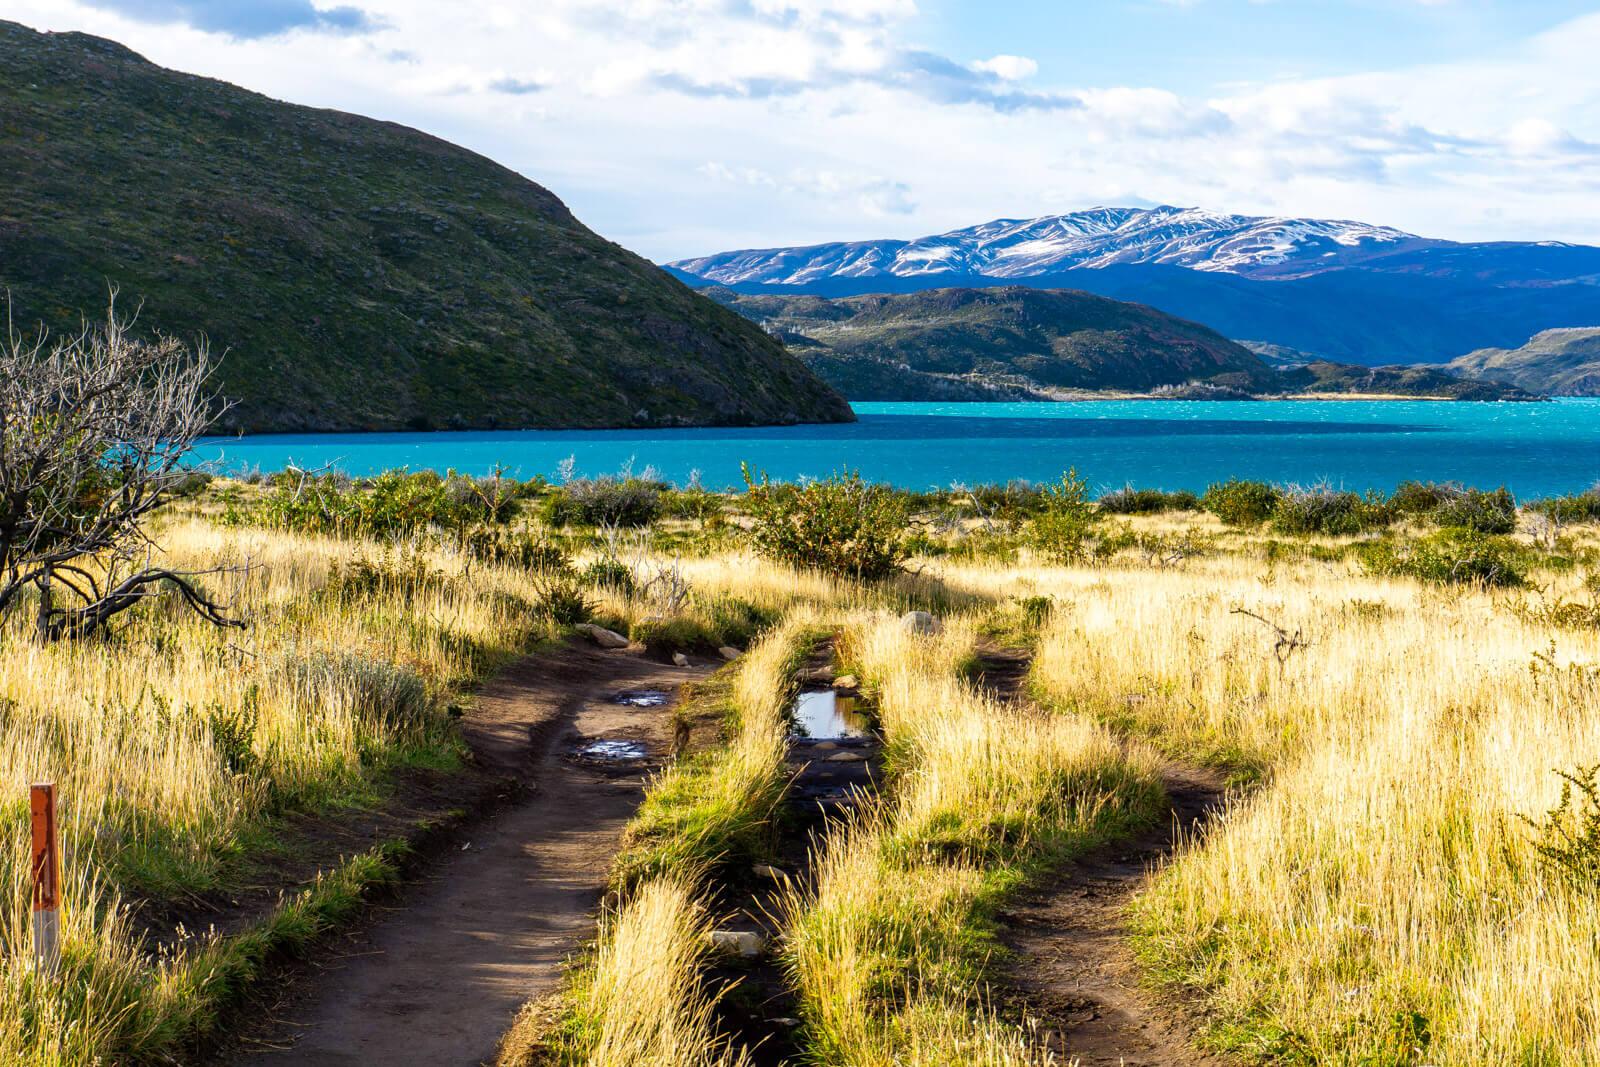 Torres del Paine W Trek, the best multi day hike of wonders